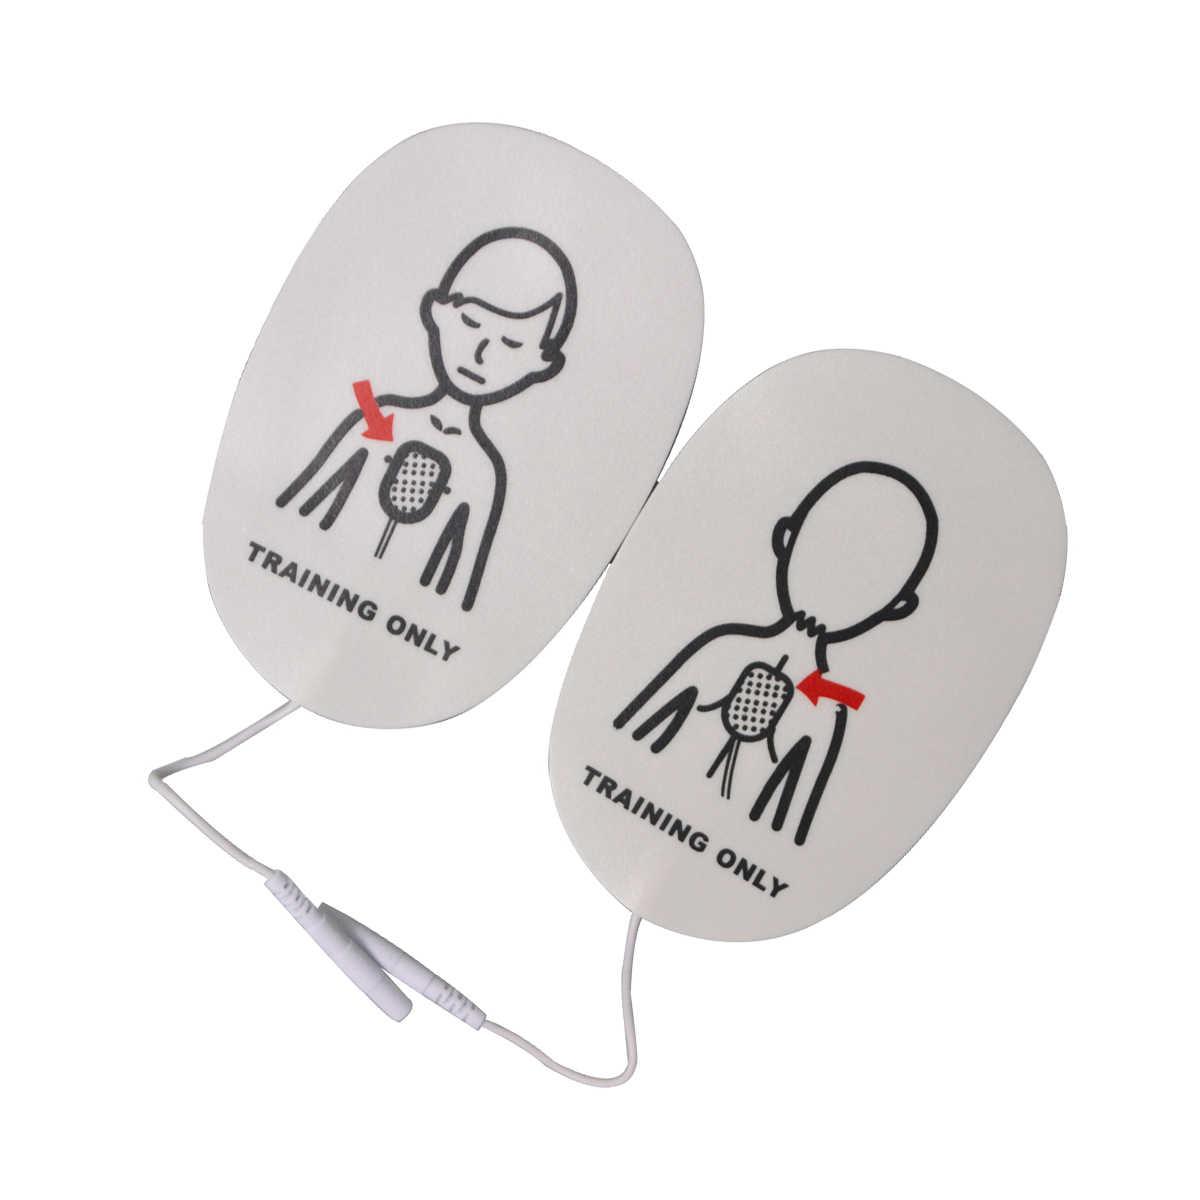 1 par de almohadillas de repuesto de entrenamiento de primeros auxilios para el cuidado de la salud, parches de entrenamiento Universal de entrenamiento para uso de emergencia